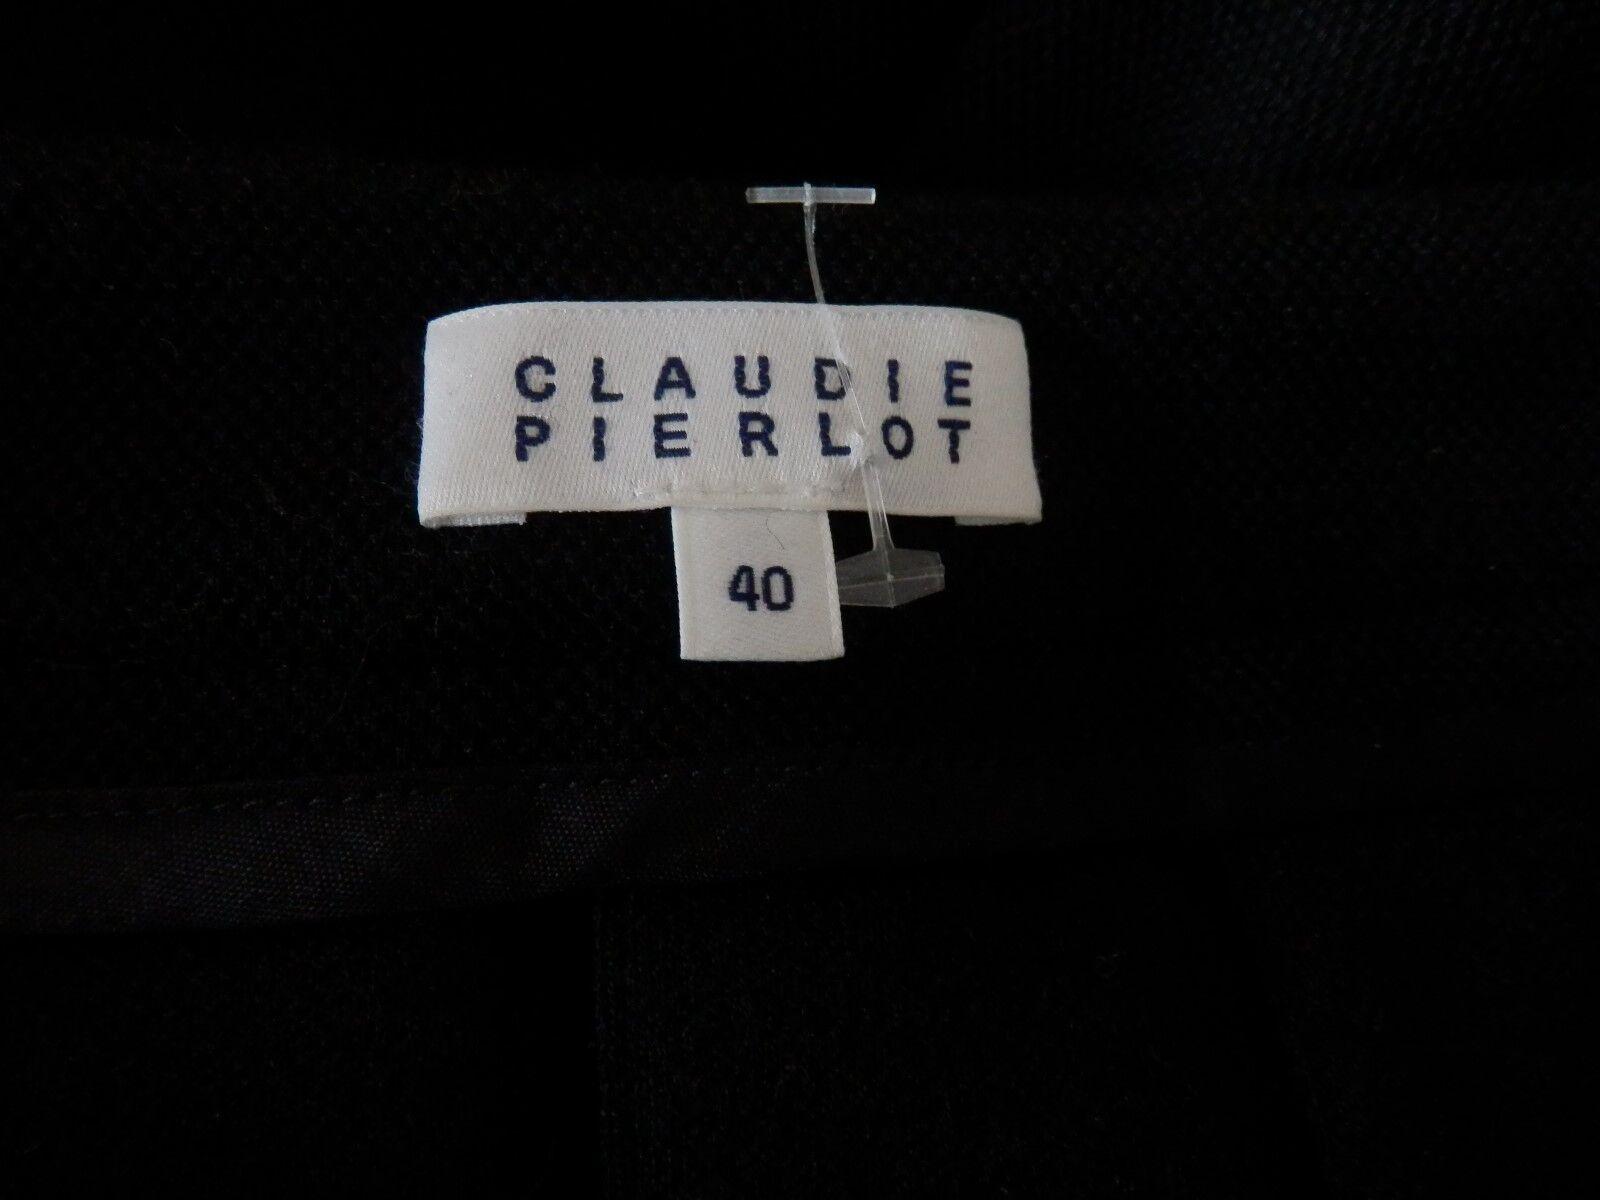 CLAUDIE PIERLOT - JUPE PLISSEE - LAINE LAINE LAINE ... nero - T. 40fr - NEUVE - AUTHENTIQUE caca56